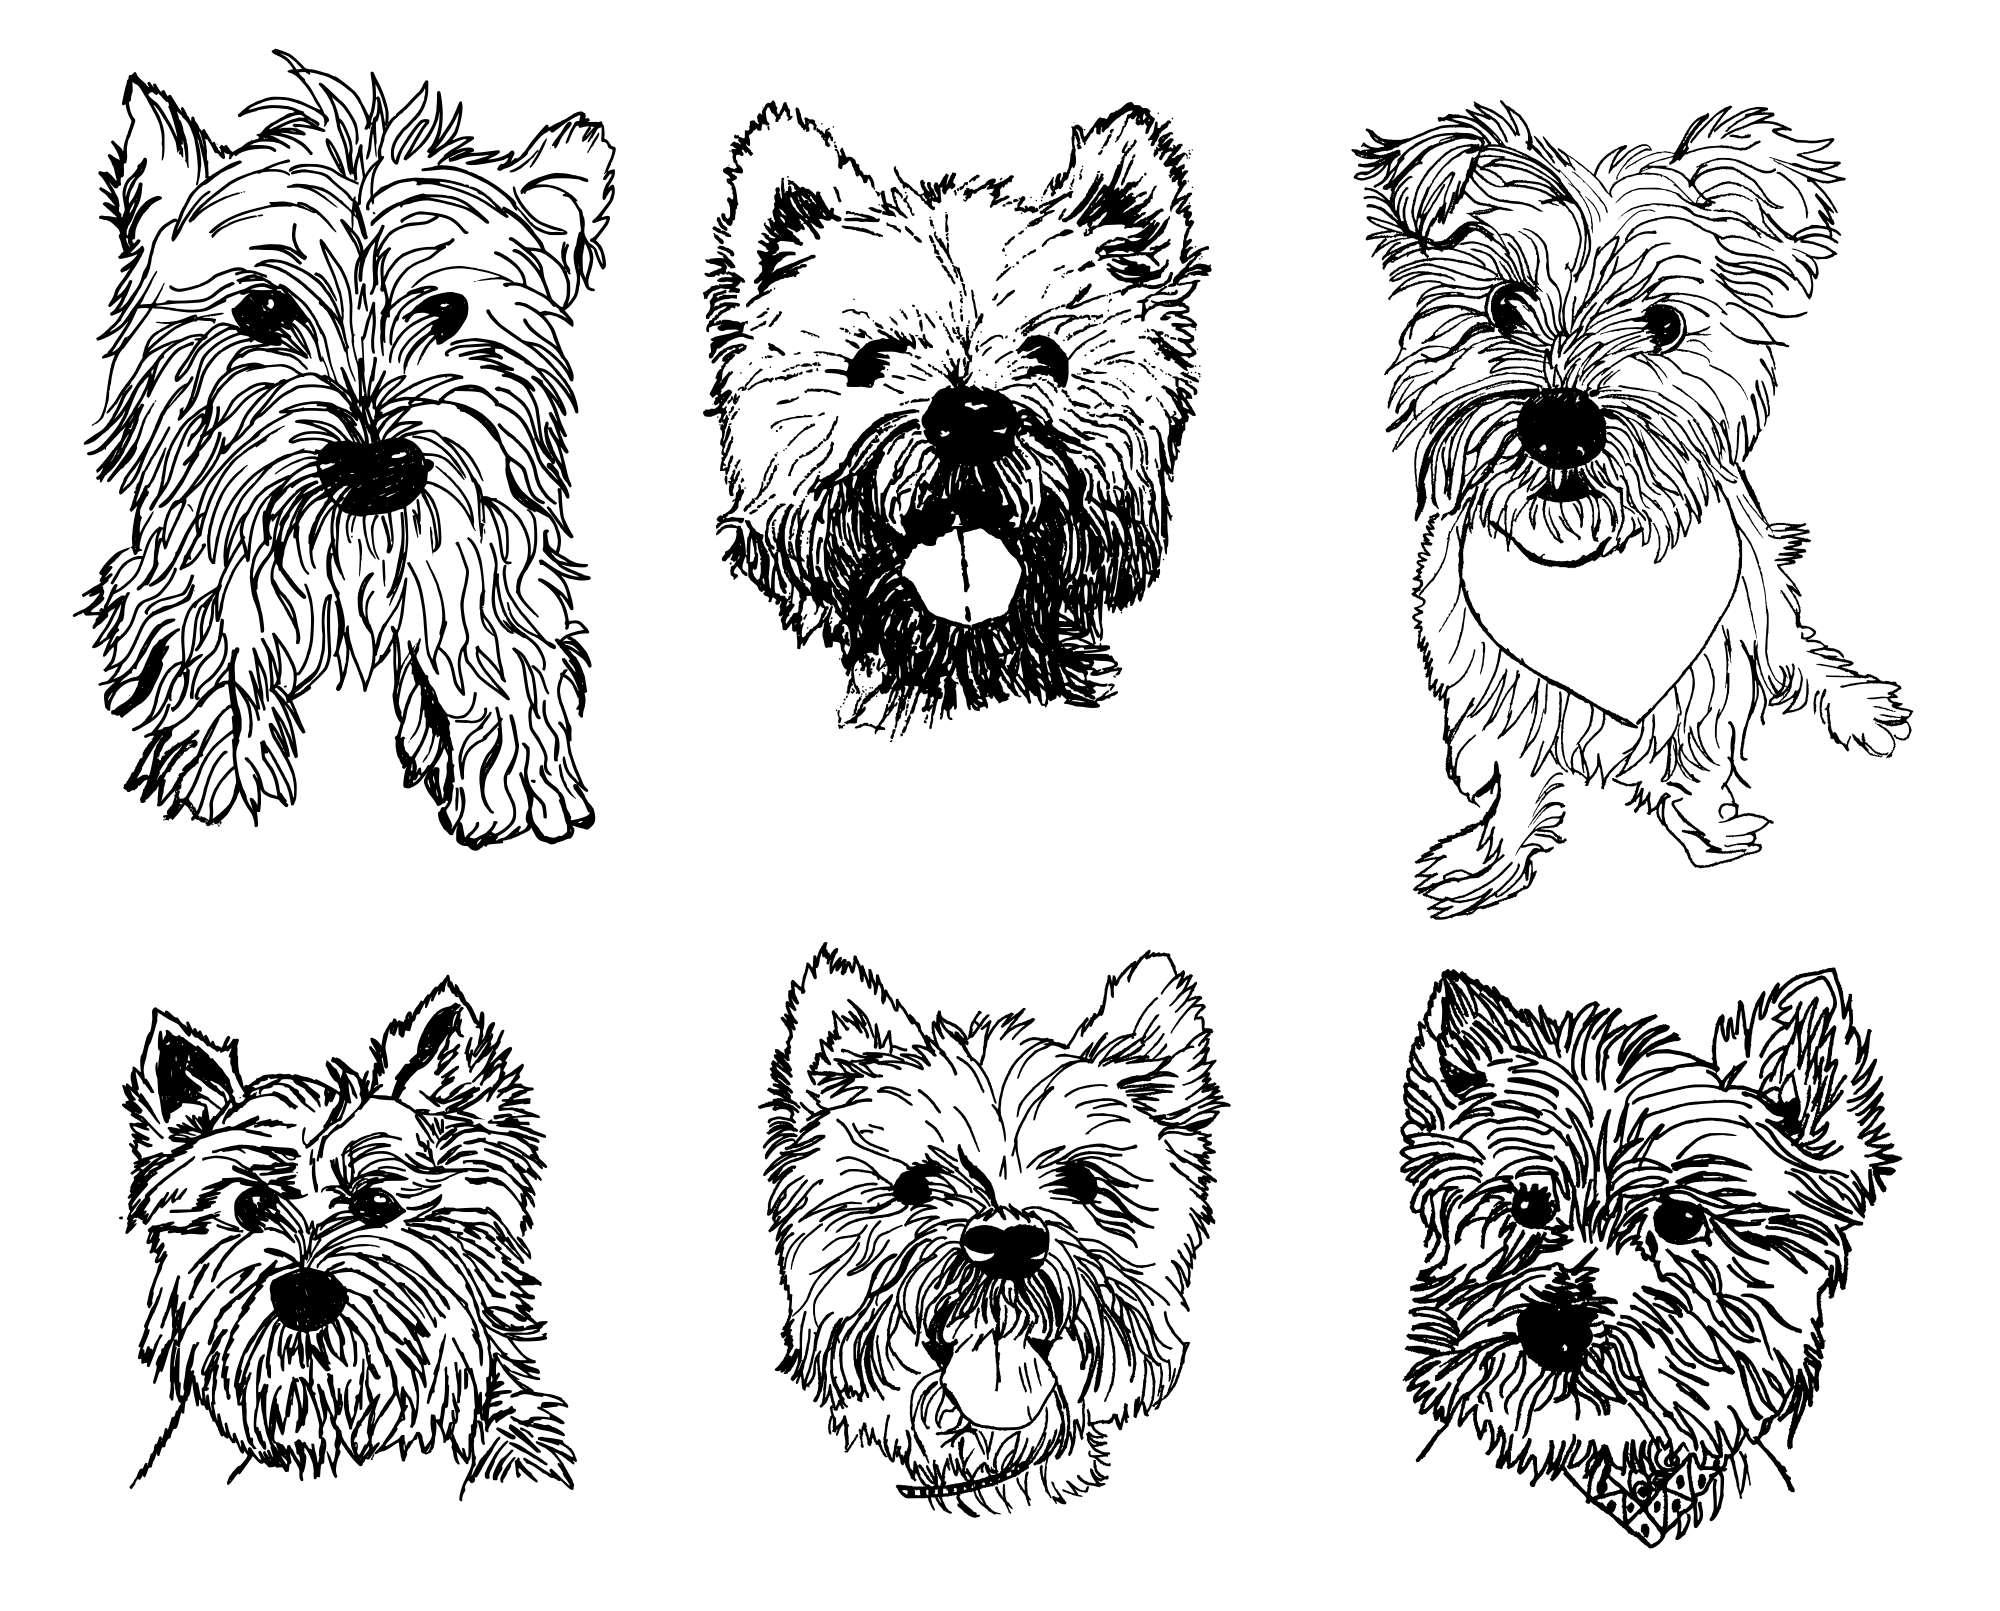 6-westies-dog-drawing-cover.jpg